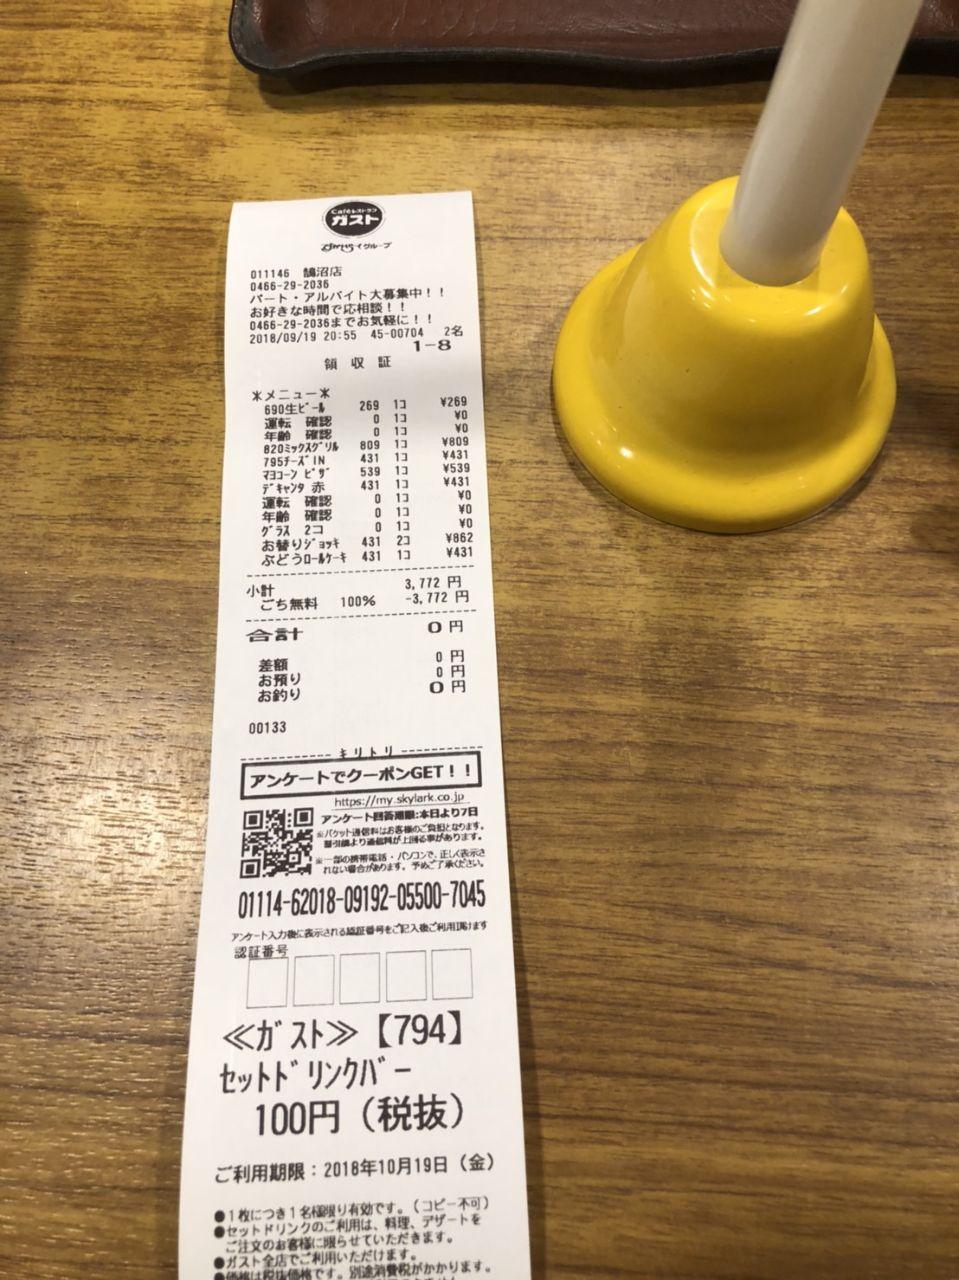 3197 - (株)すかいらーくホールディングス ゴチガスト当たりました、ありがとう!